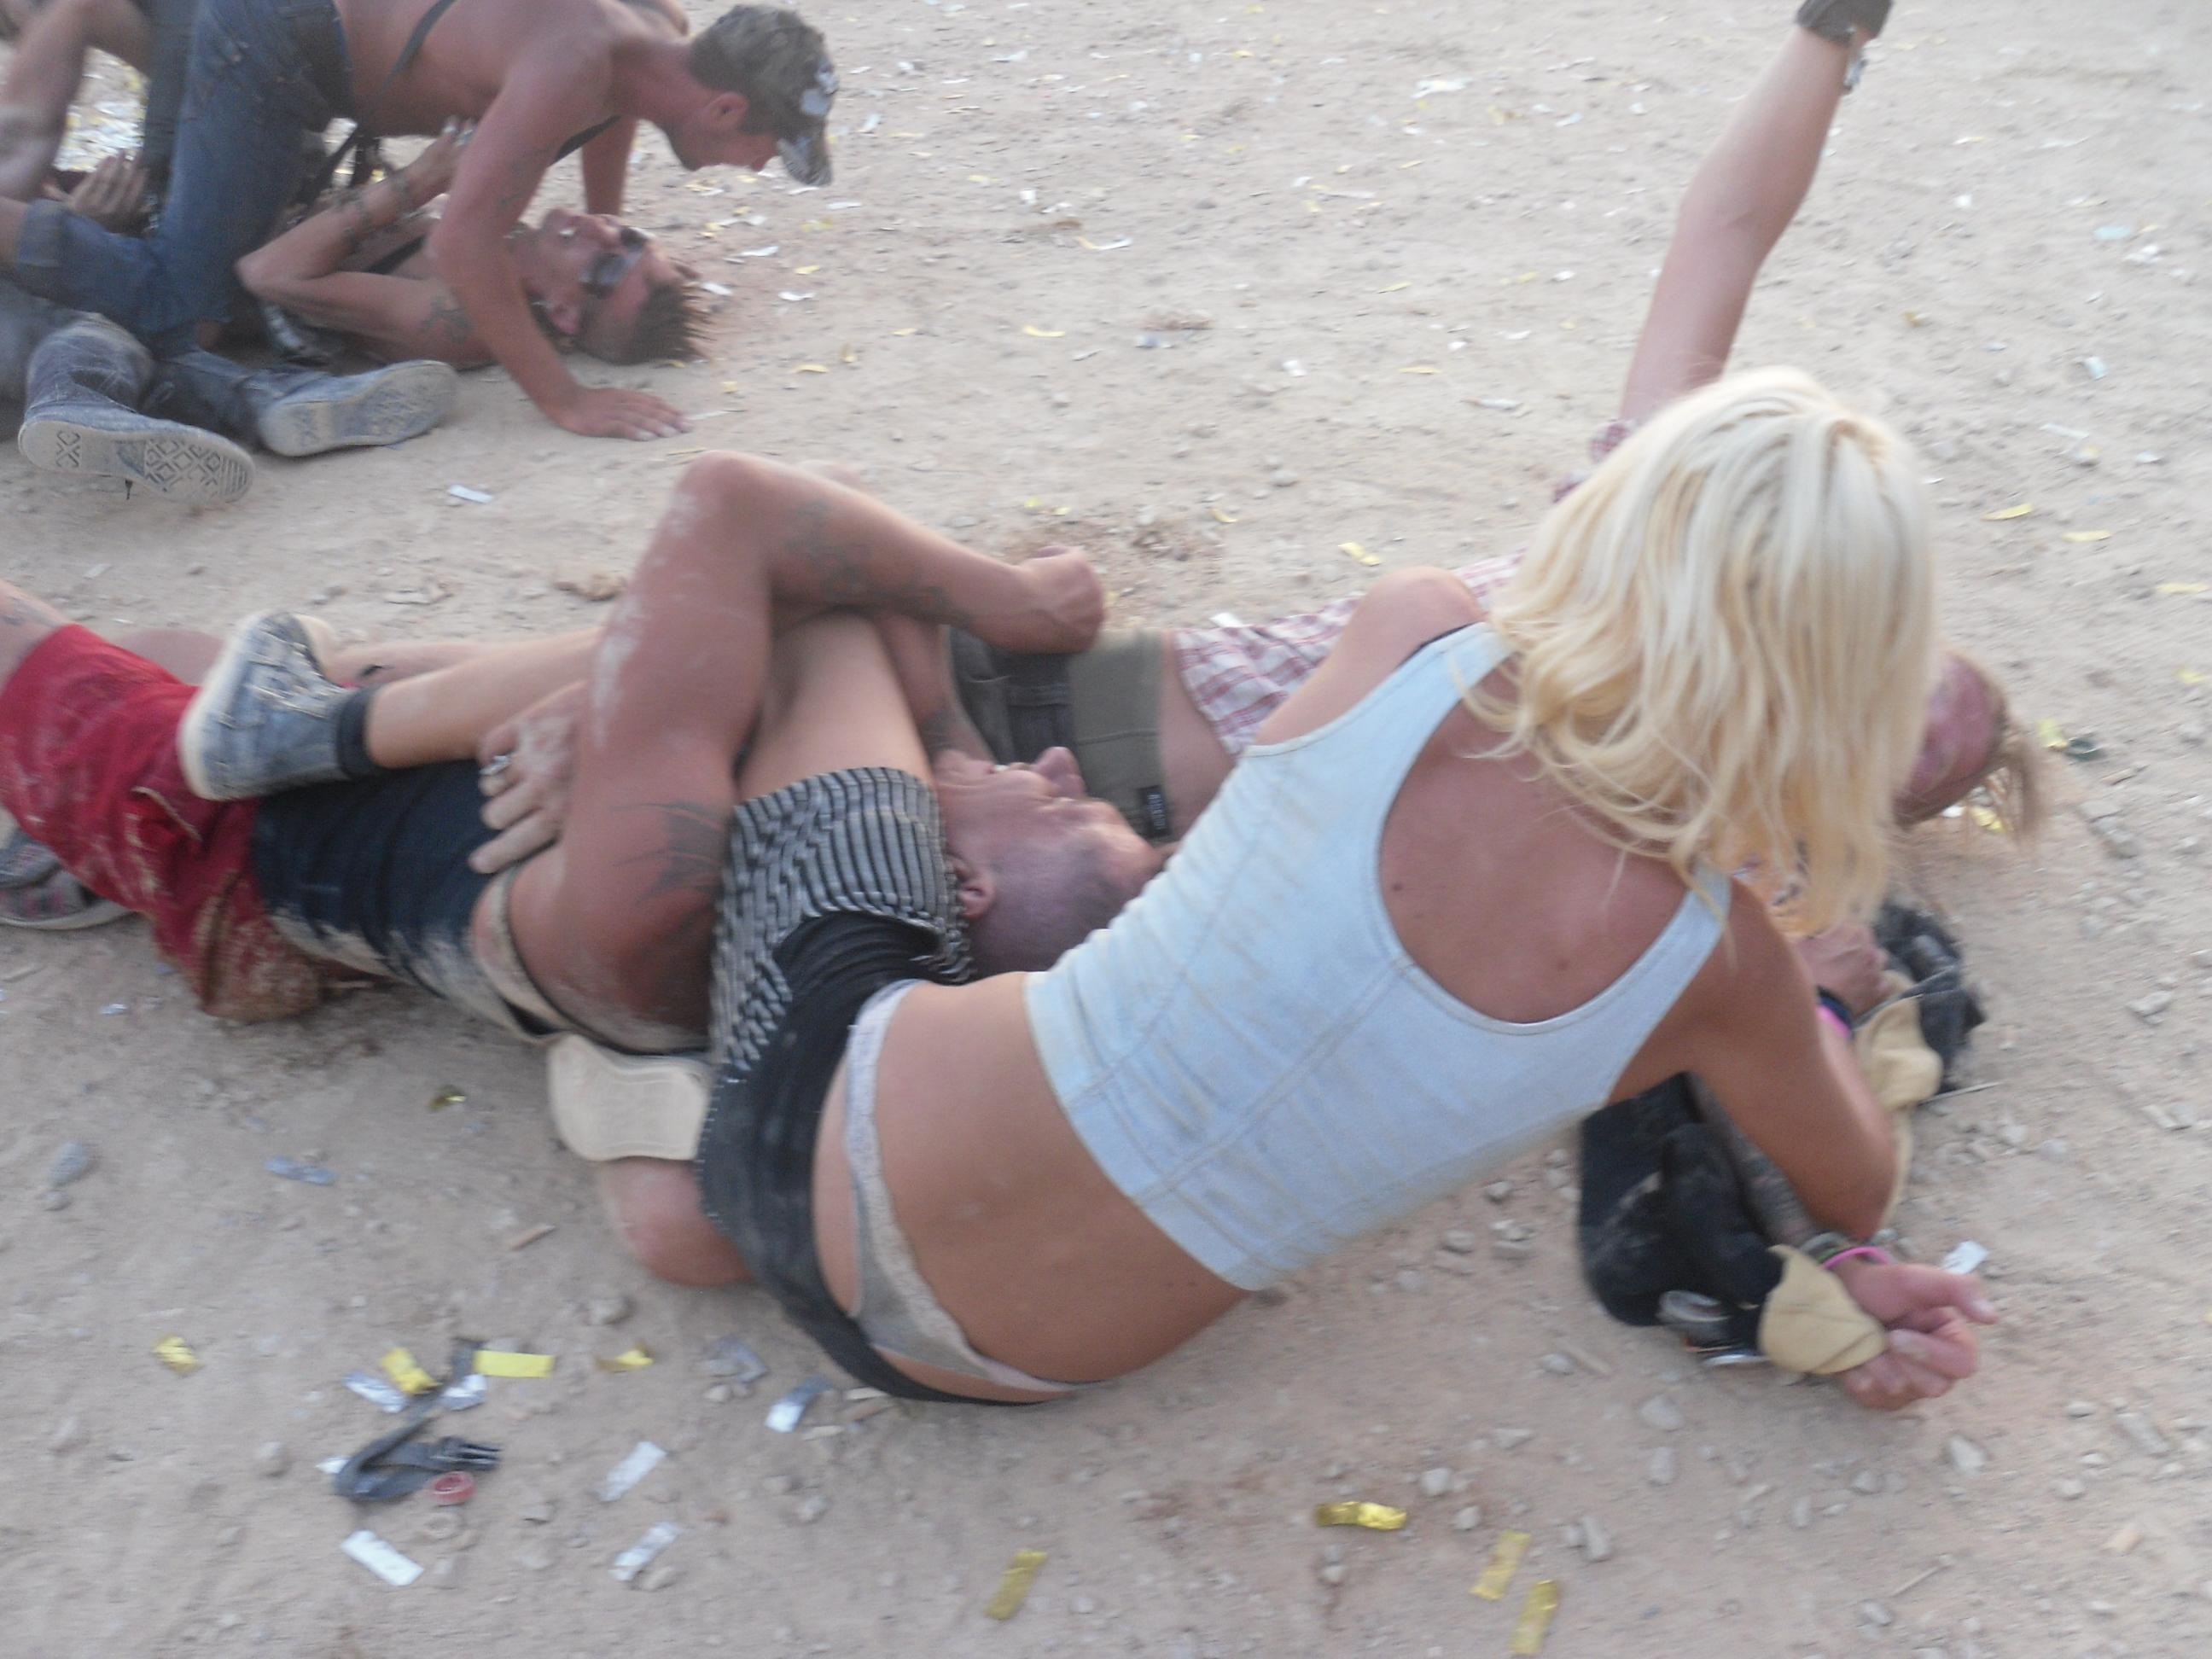 Смотреть бесплатно пьяных женщин 15 фотография